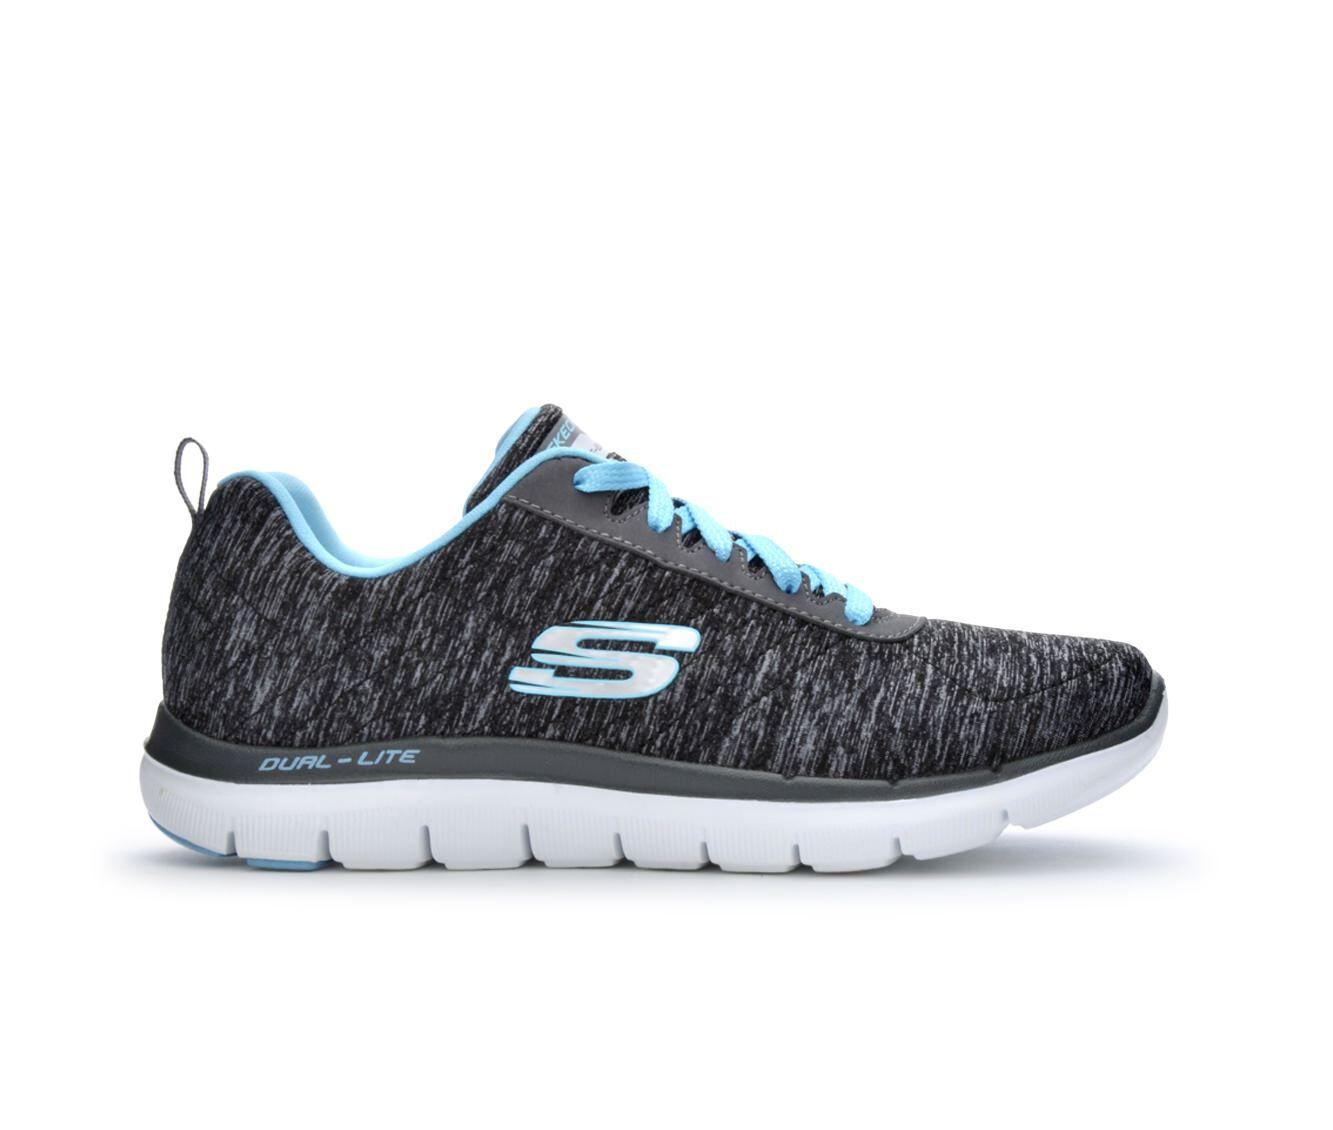 Women's Skechers Flex Appeal 2 12753 Sneakers Black/Lt Blue